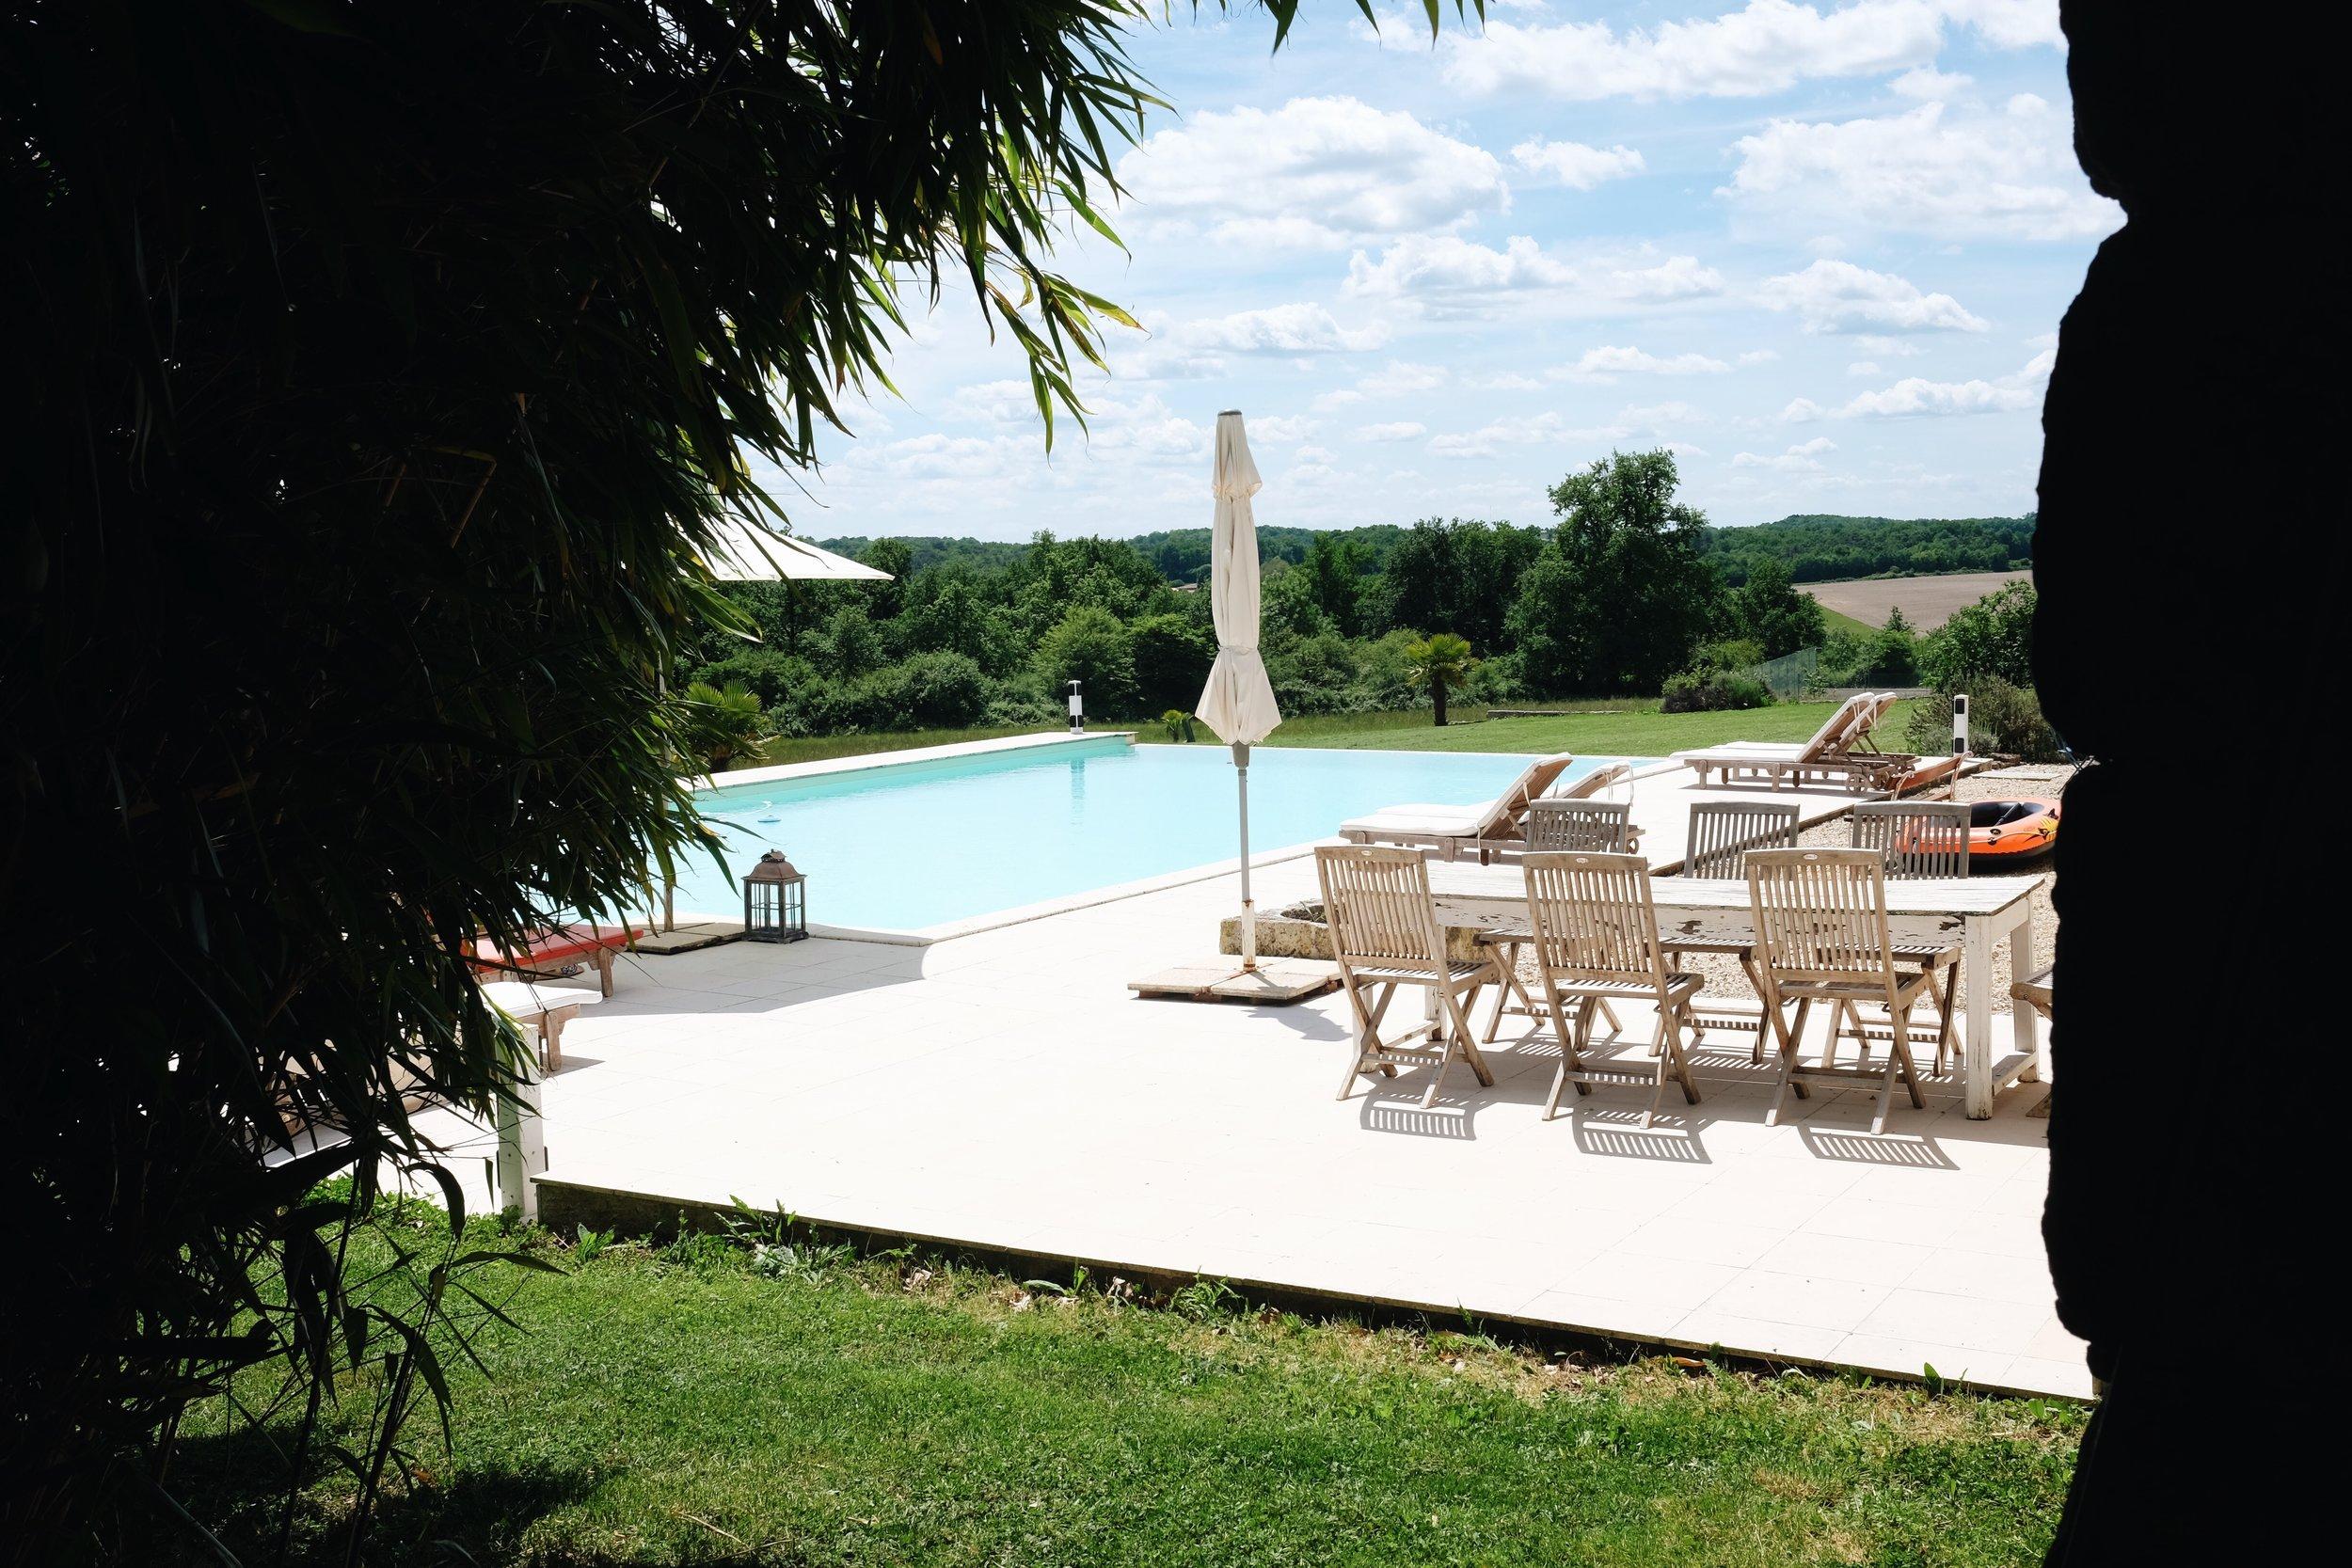 MiniVoodoo_Travel_Charente_Logis de Beaulieu (19).JPG